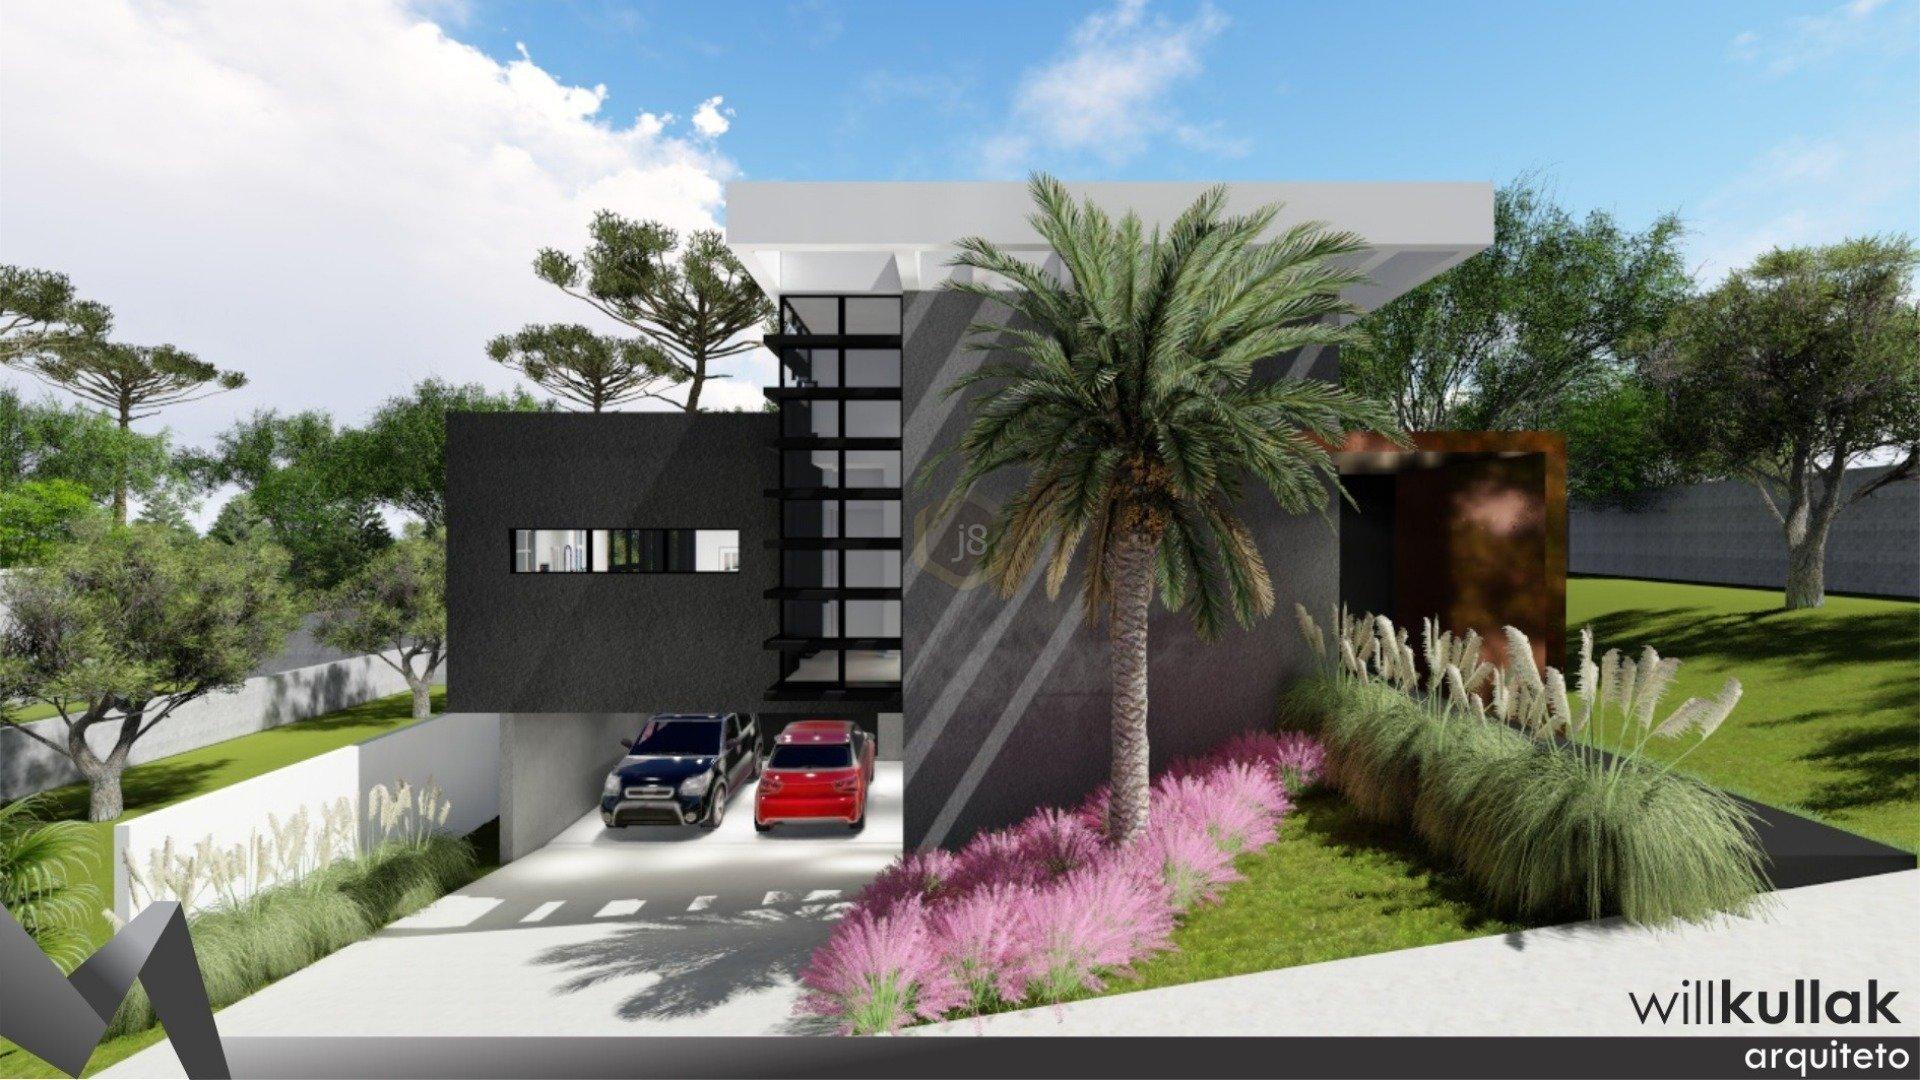 Foto de destaque Casa a ser construida no seu estilo!